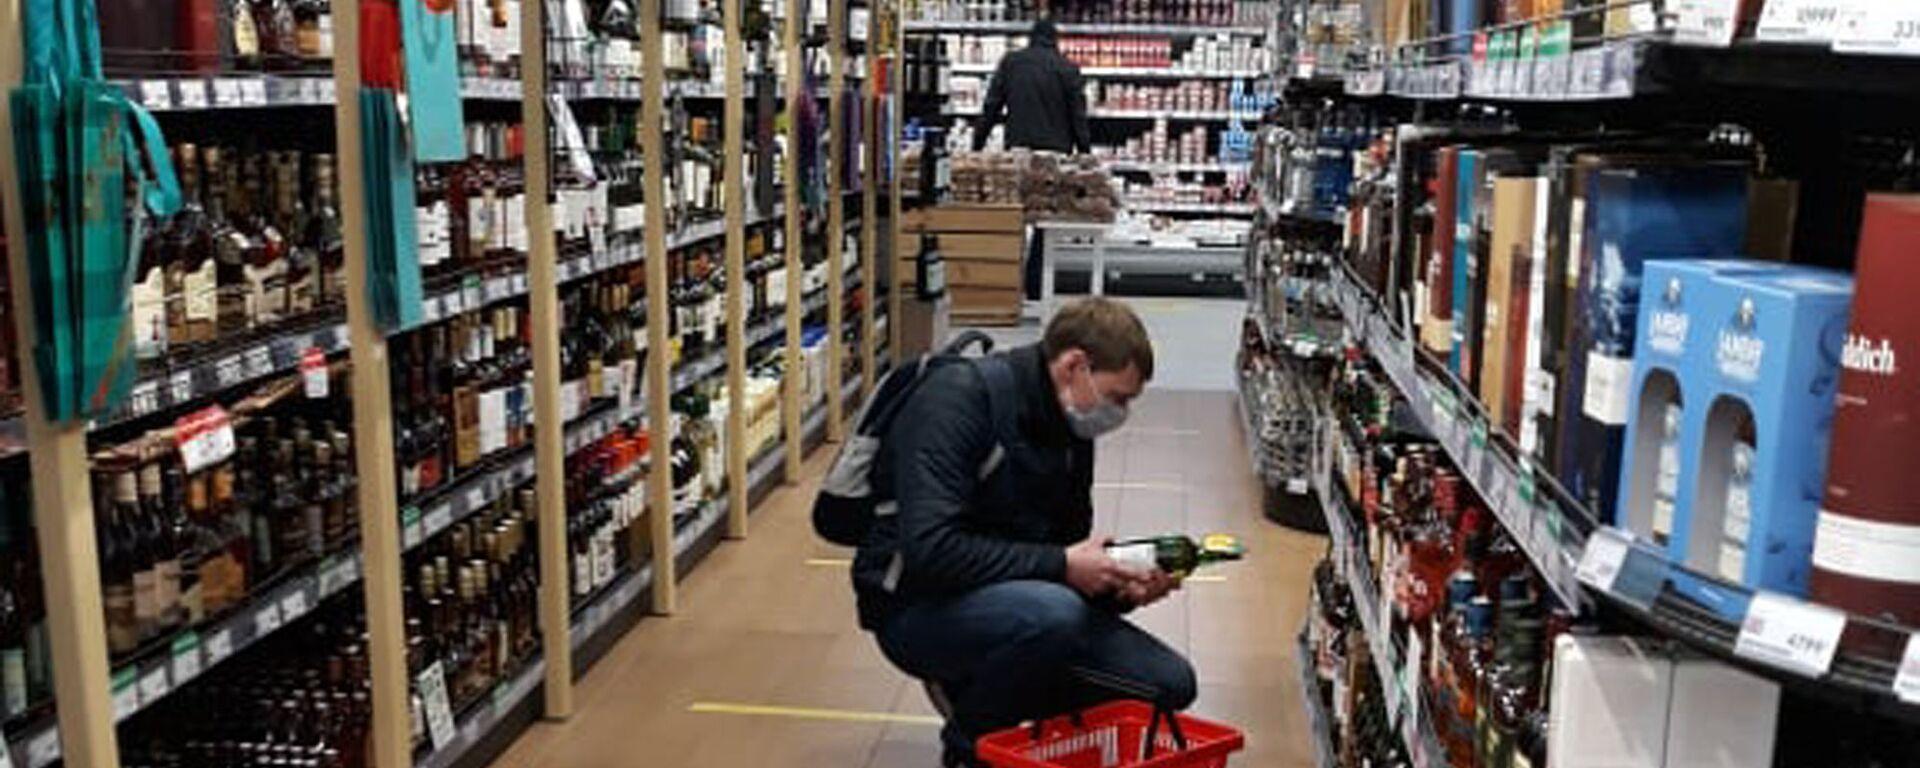 Coronavirus in Russia - supermercato, novembre 2020 - Sputnik Italia, 1920, 09.08.2021